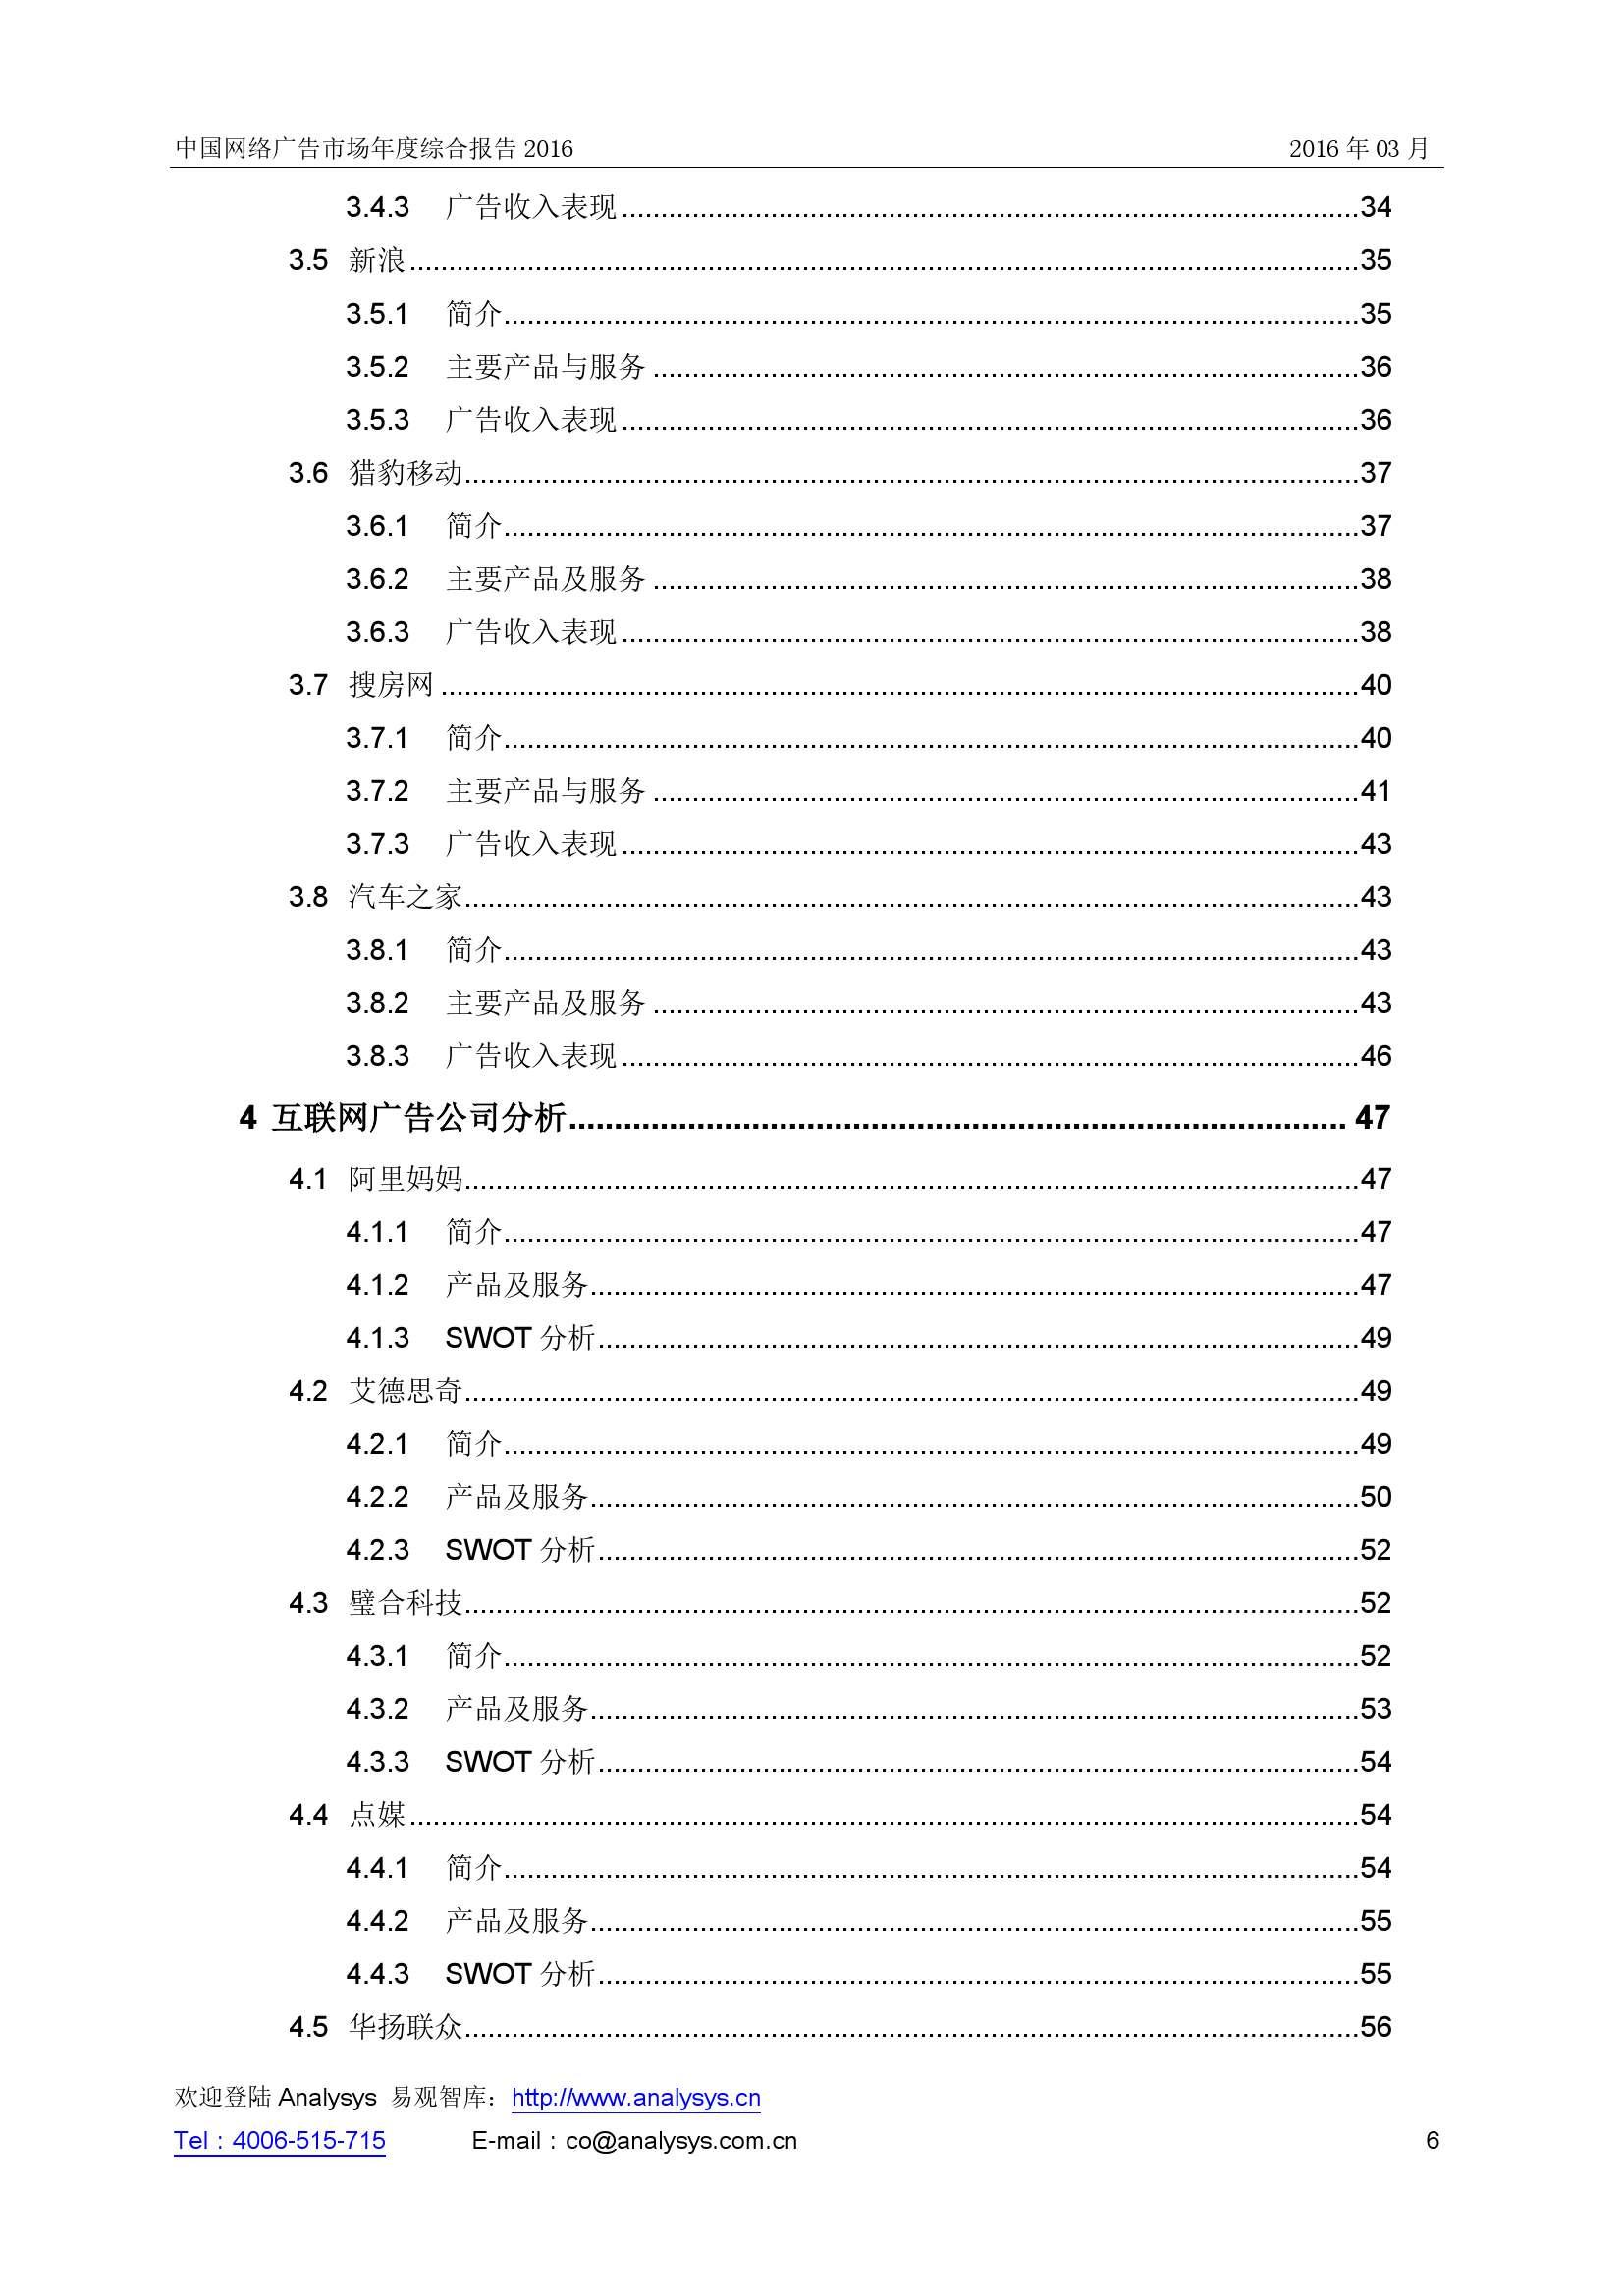 中国网络广告市场年度综合报告2016_000006